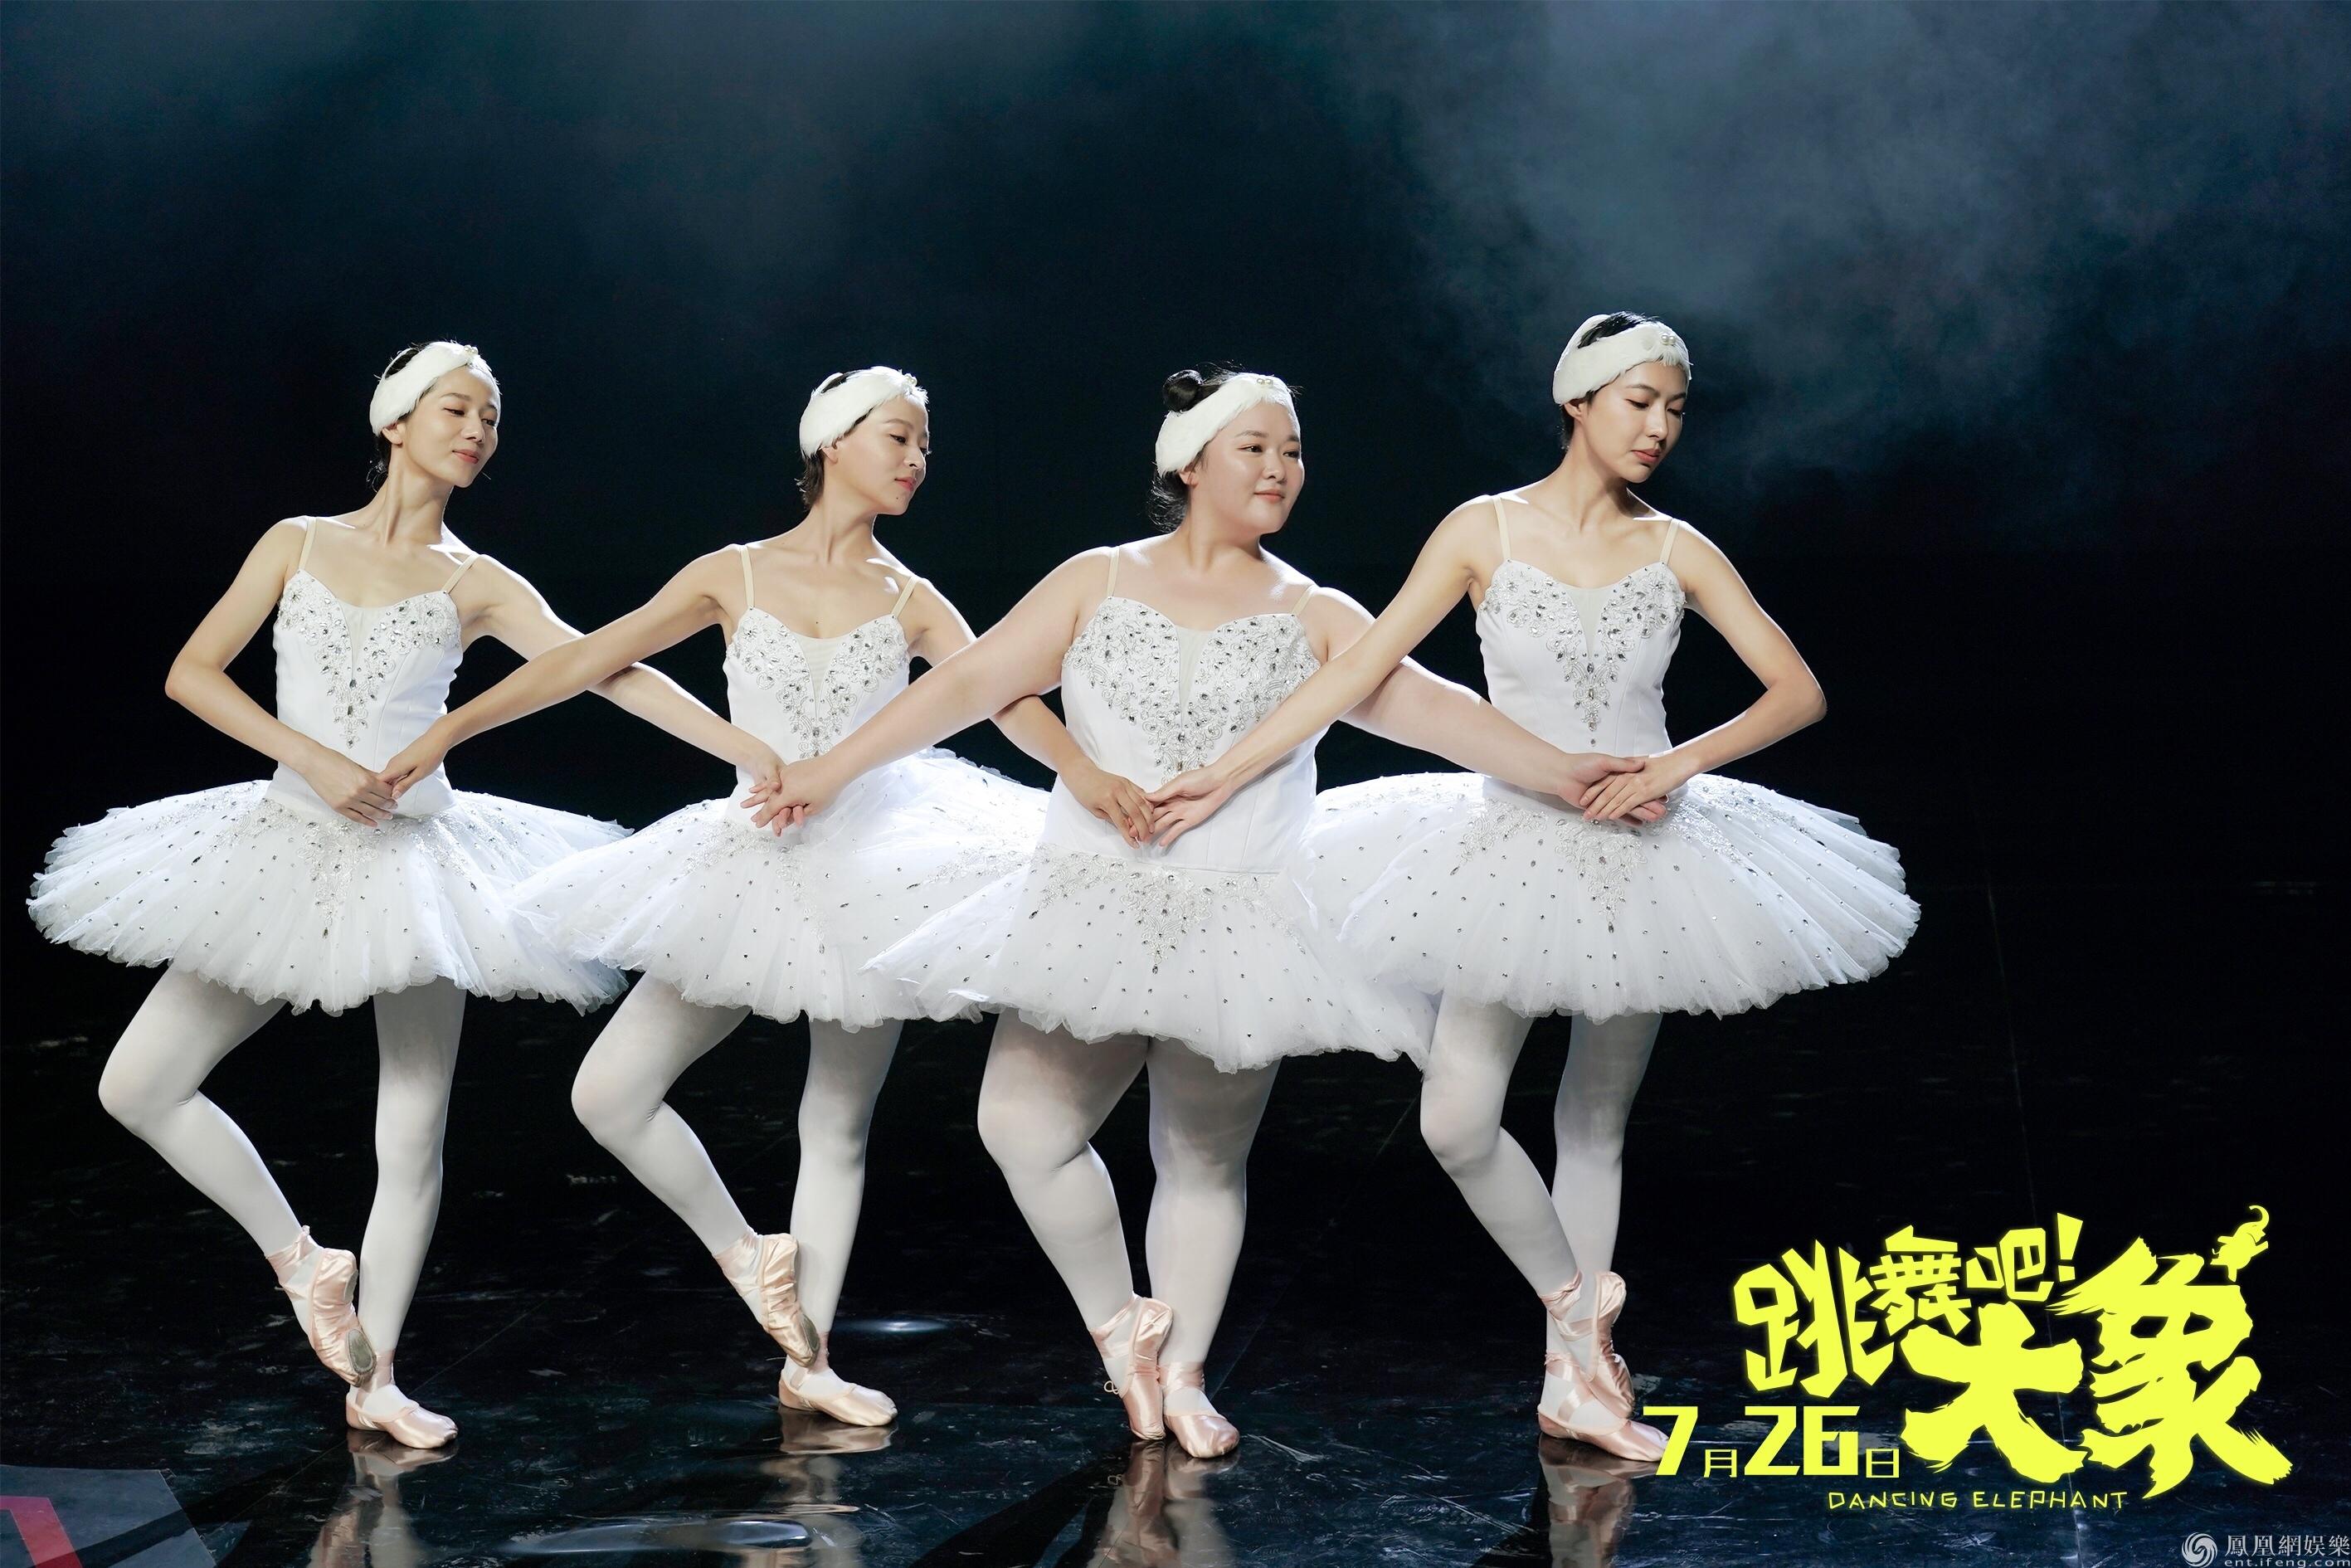 《跳舞吧!大象》曝主题曲MV 金玟岐温暖声线对话女主